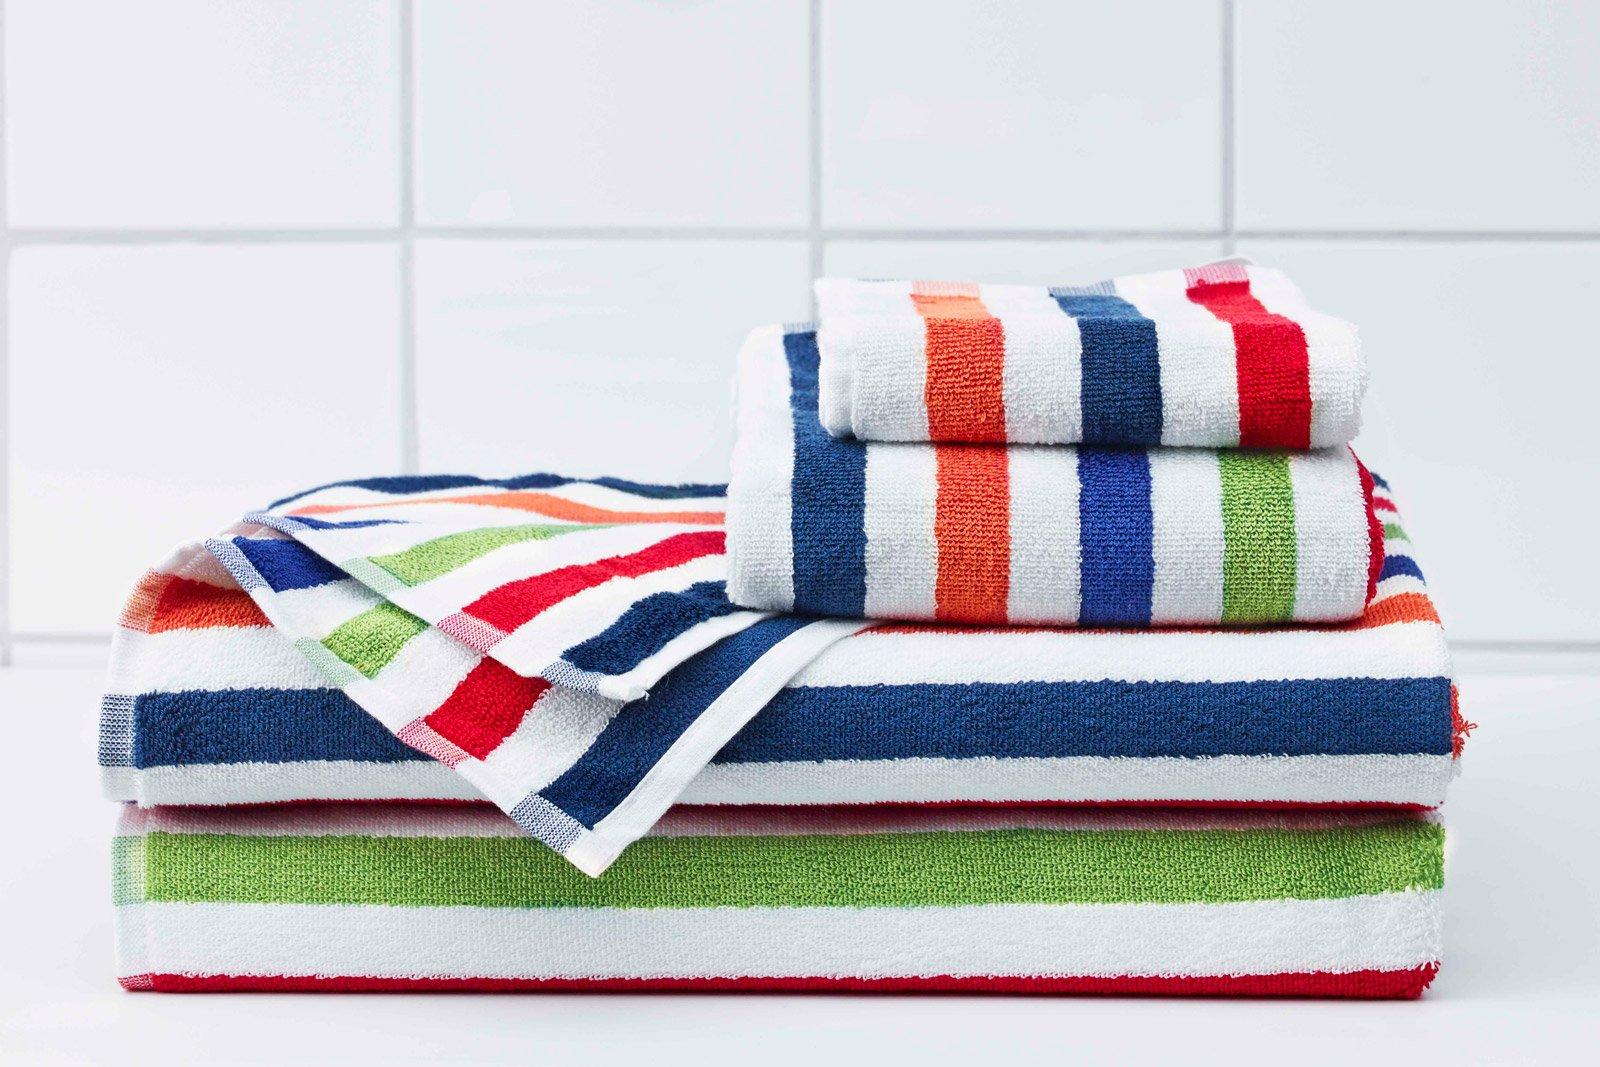 Asciugamani per il bagno come scegliere materiali e - Ikea asciugamani ...